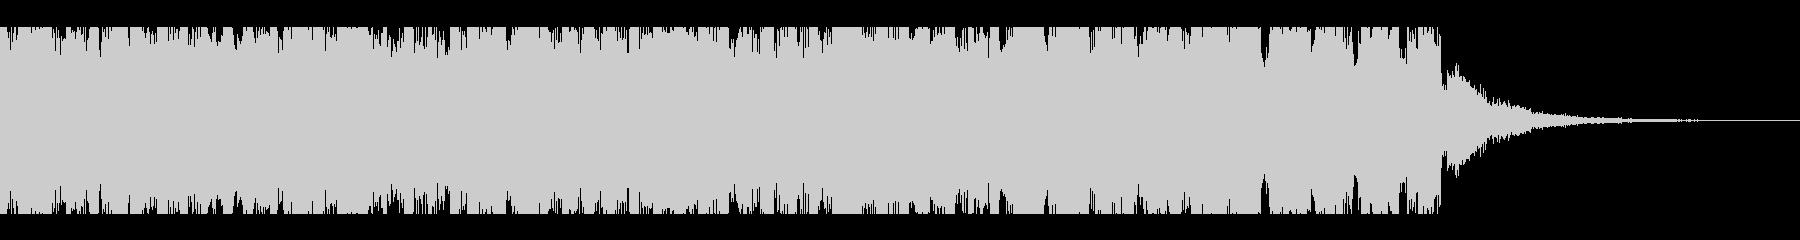 ダンスエネルギッシュパーティー(15秒)の未再生の波形